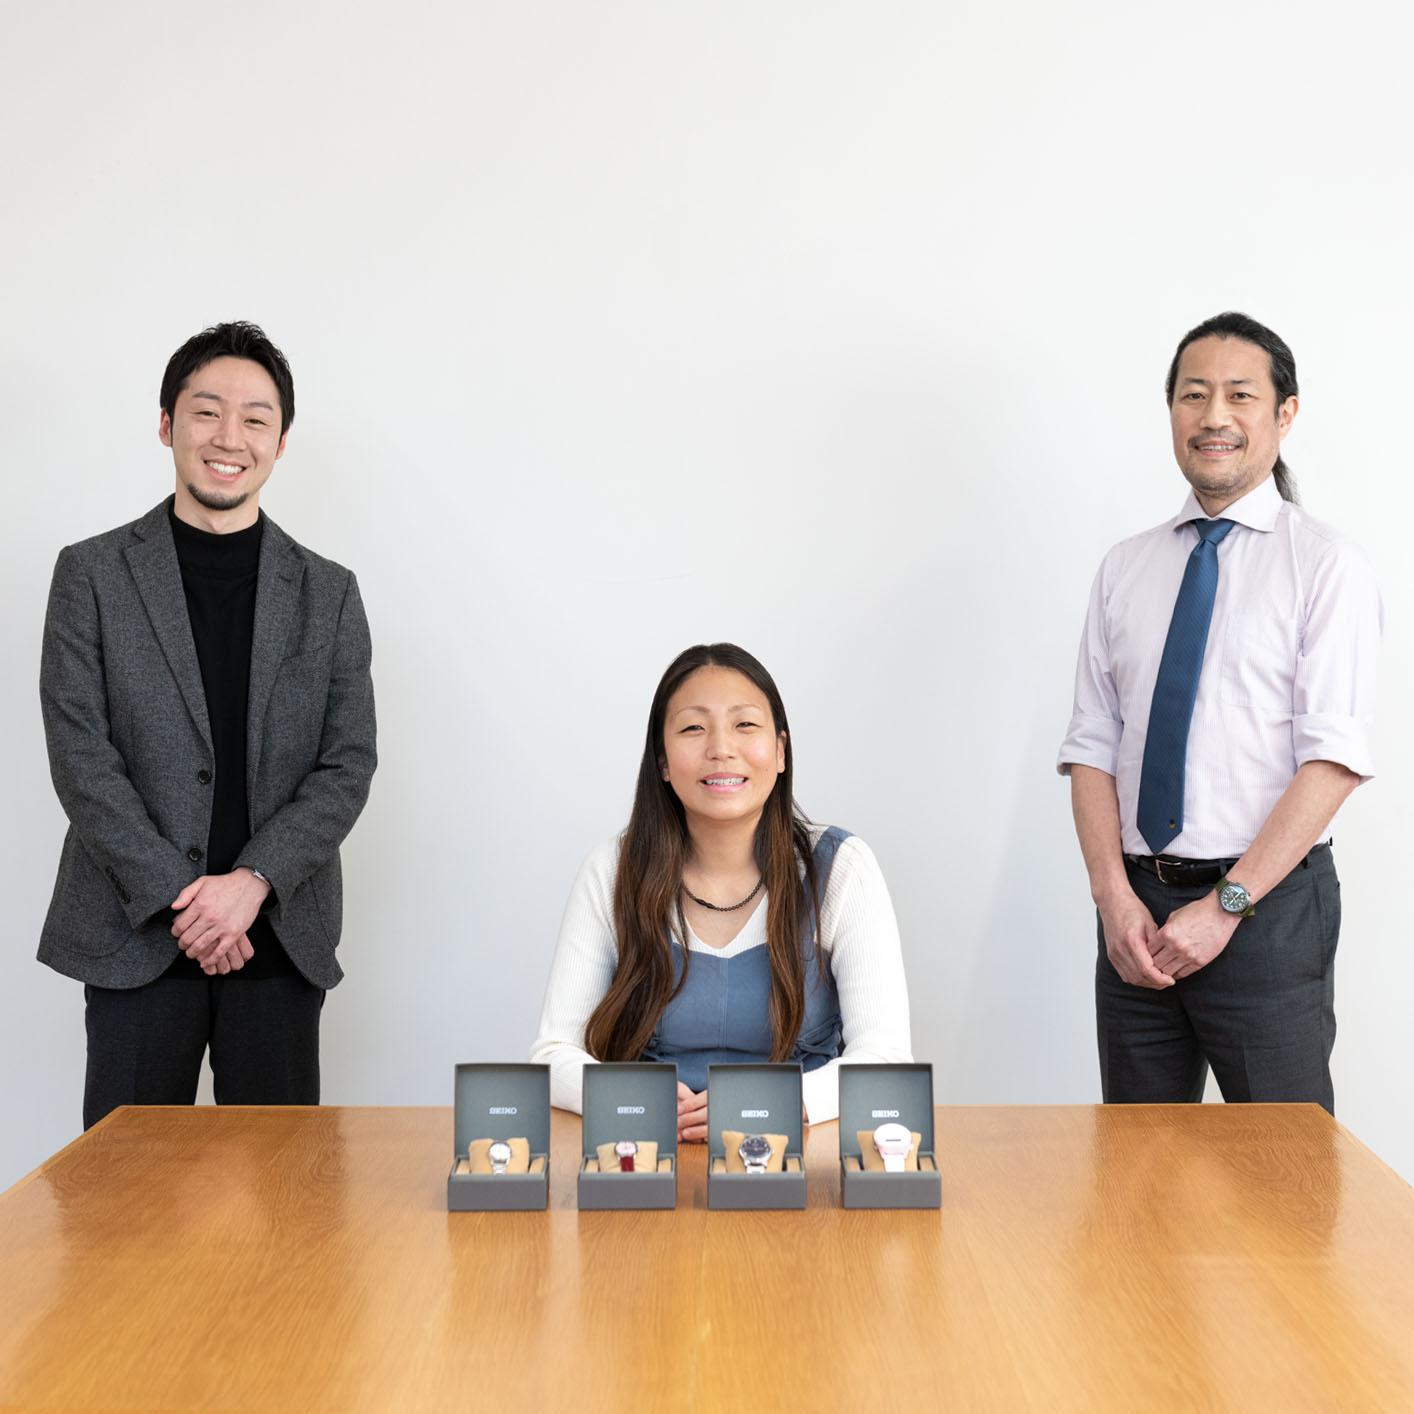 音声デジタルウオッチを担当した松榮氏(左)、障害者アスリートの高田さん(中央)、触読時計を担当した長谷川氏の3人が写った写真